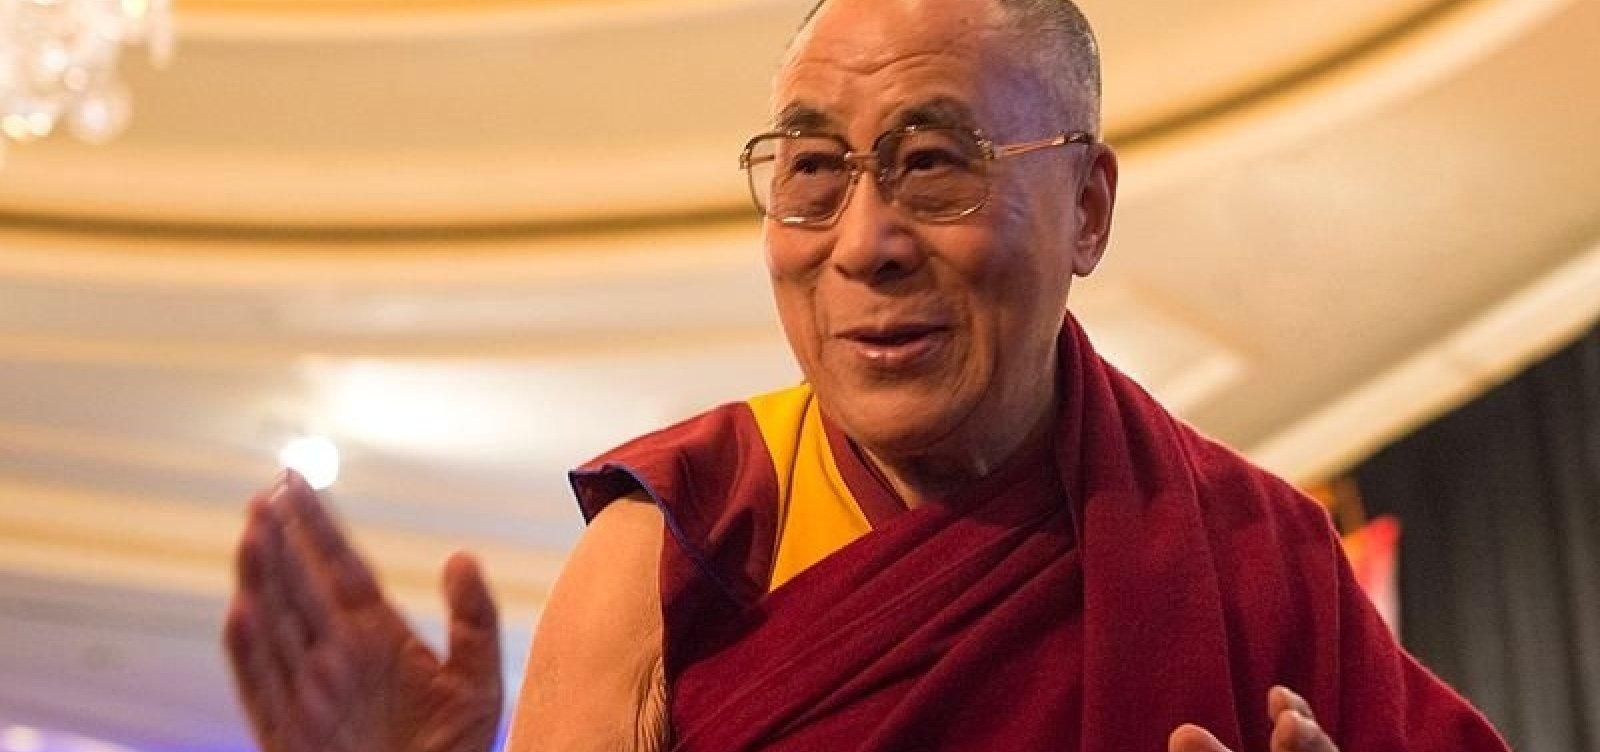 Com dores no peito, 14º Dalai Lama é internado na Índia